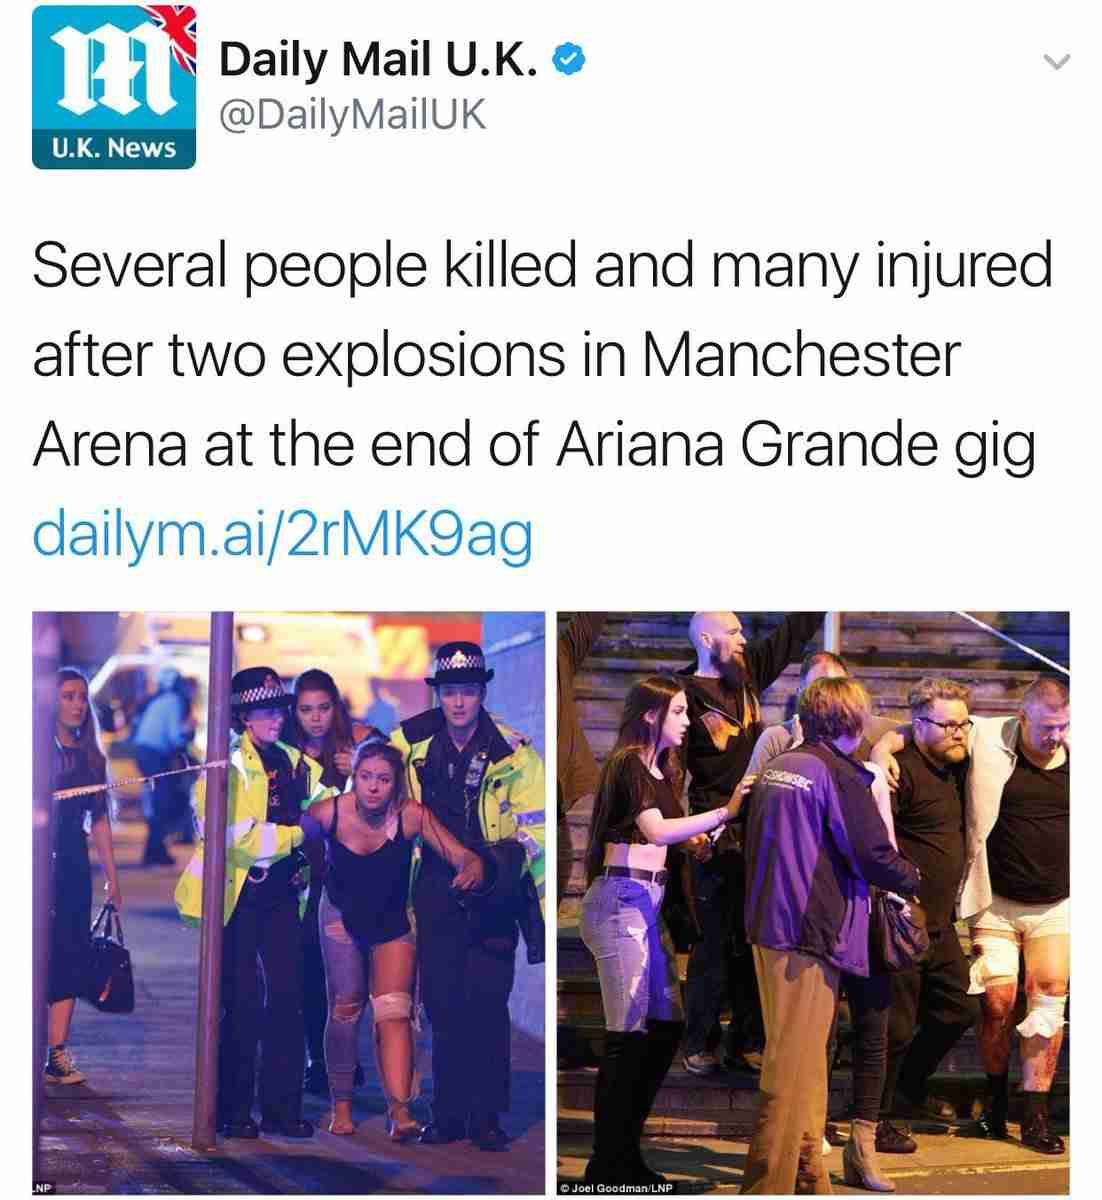 アリアナ・グランデのコンサートで爆発